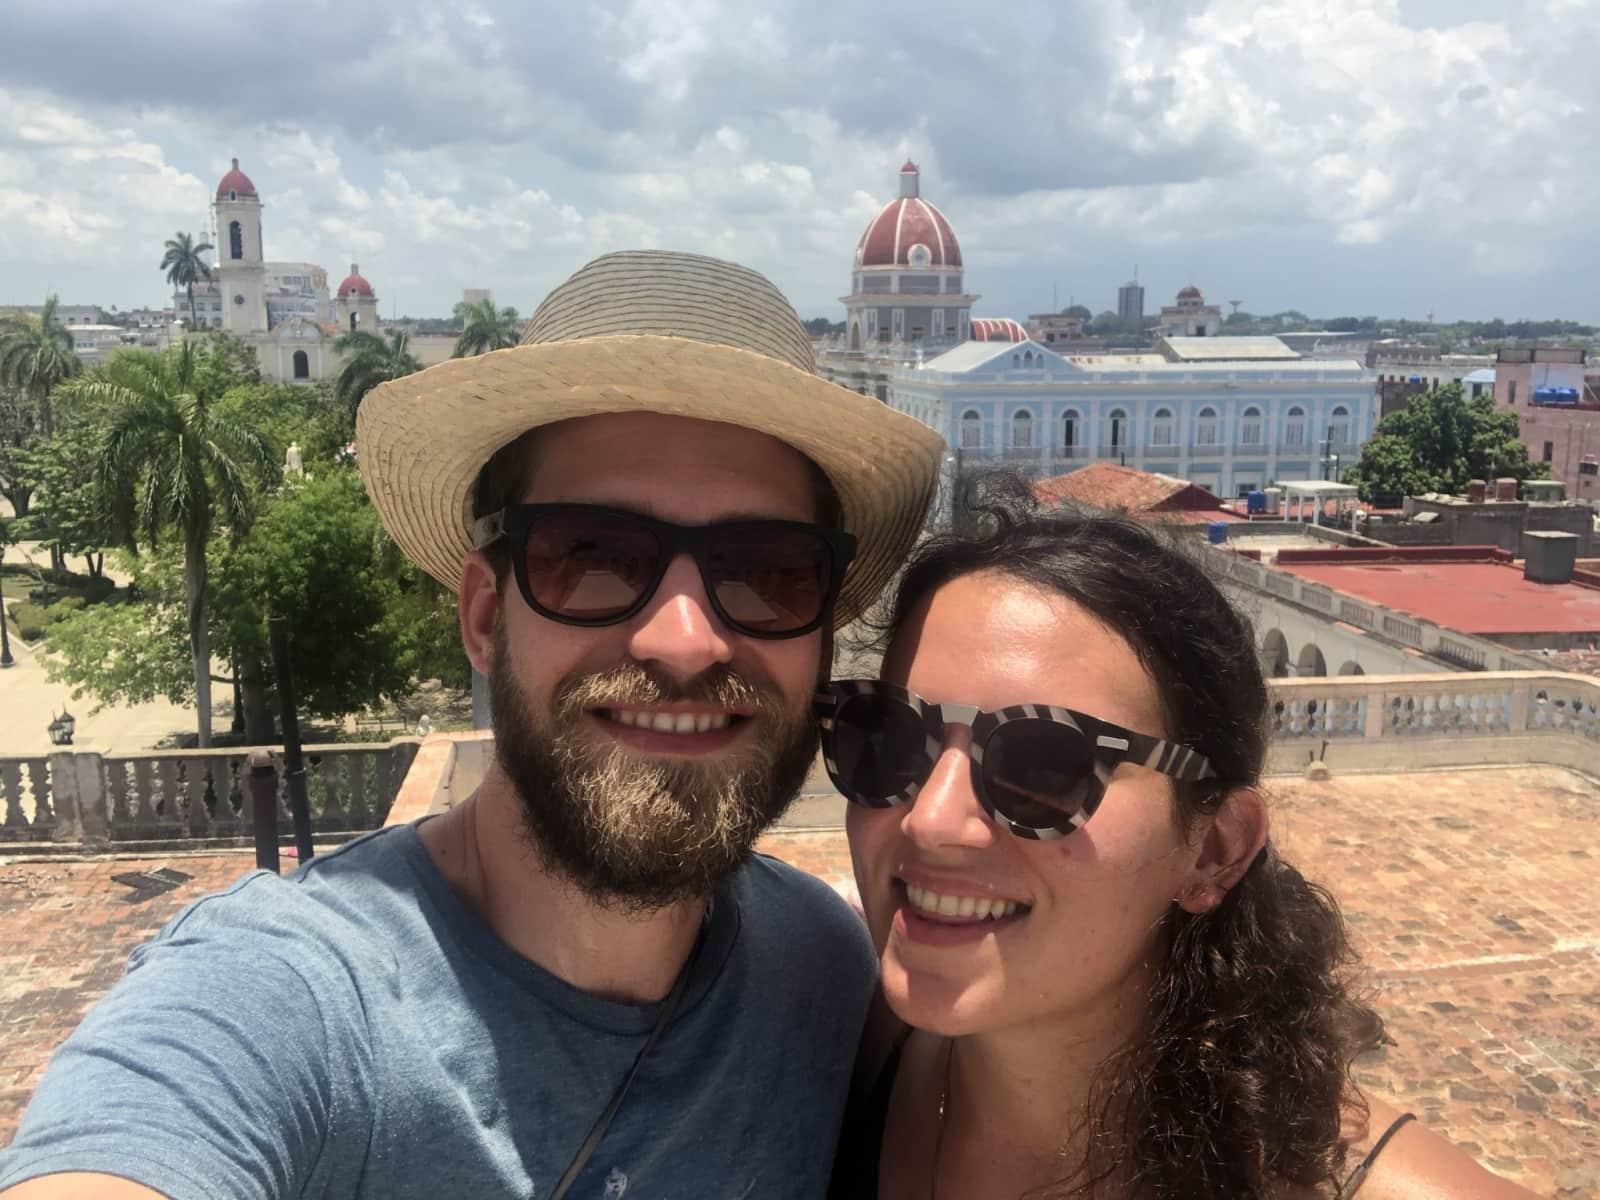 Johannes & Sarah from Panamá, Panama